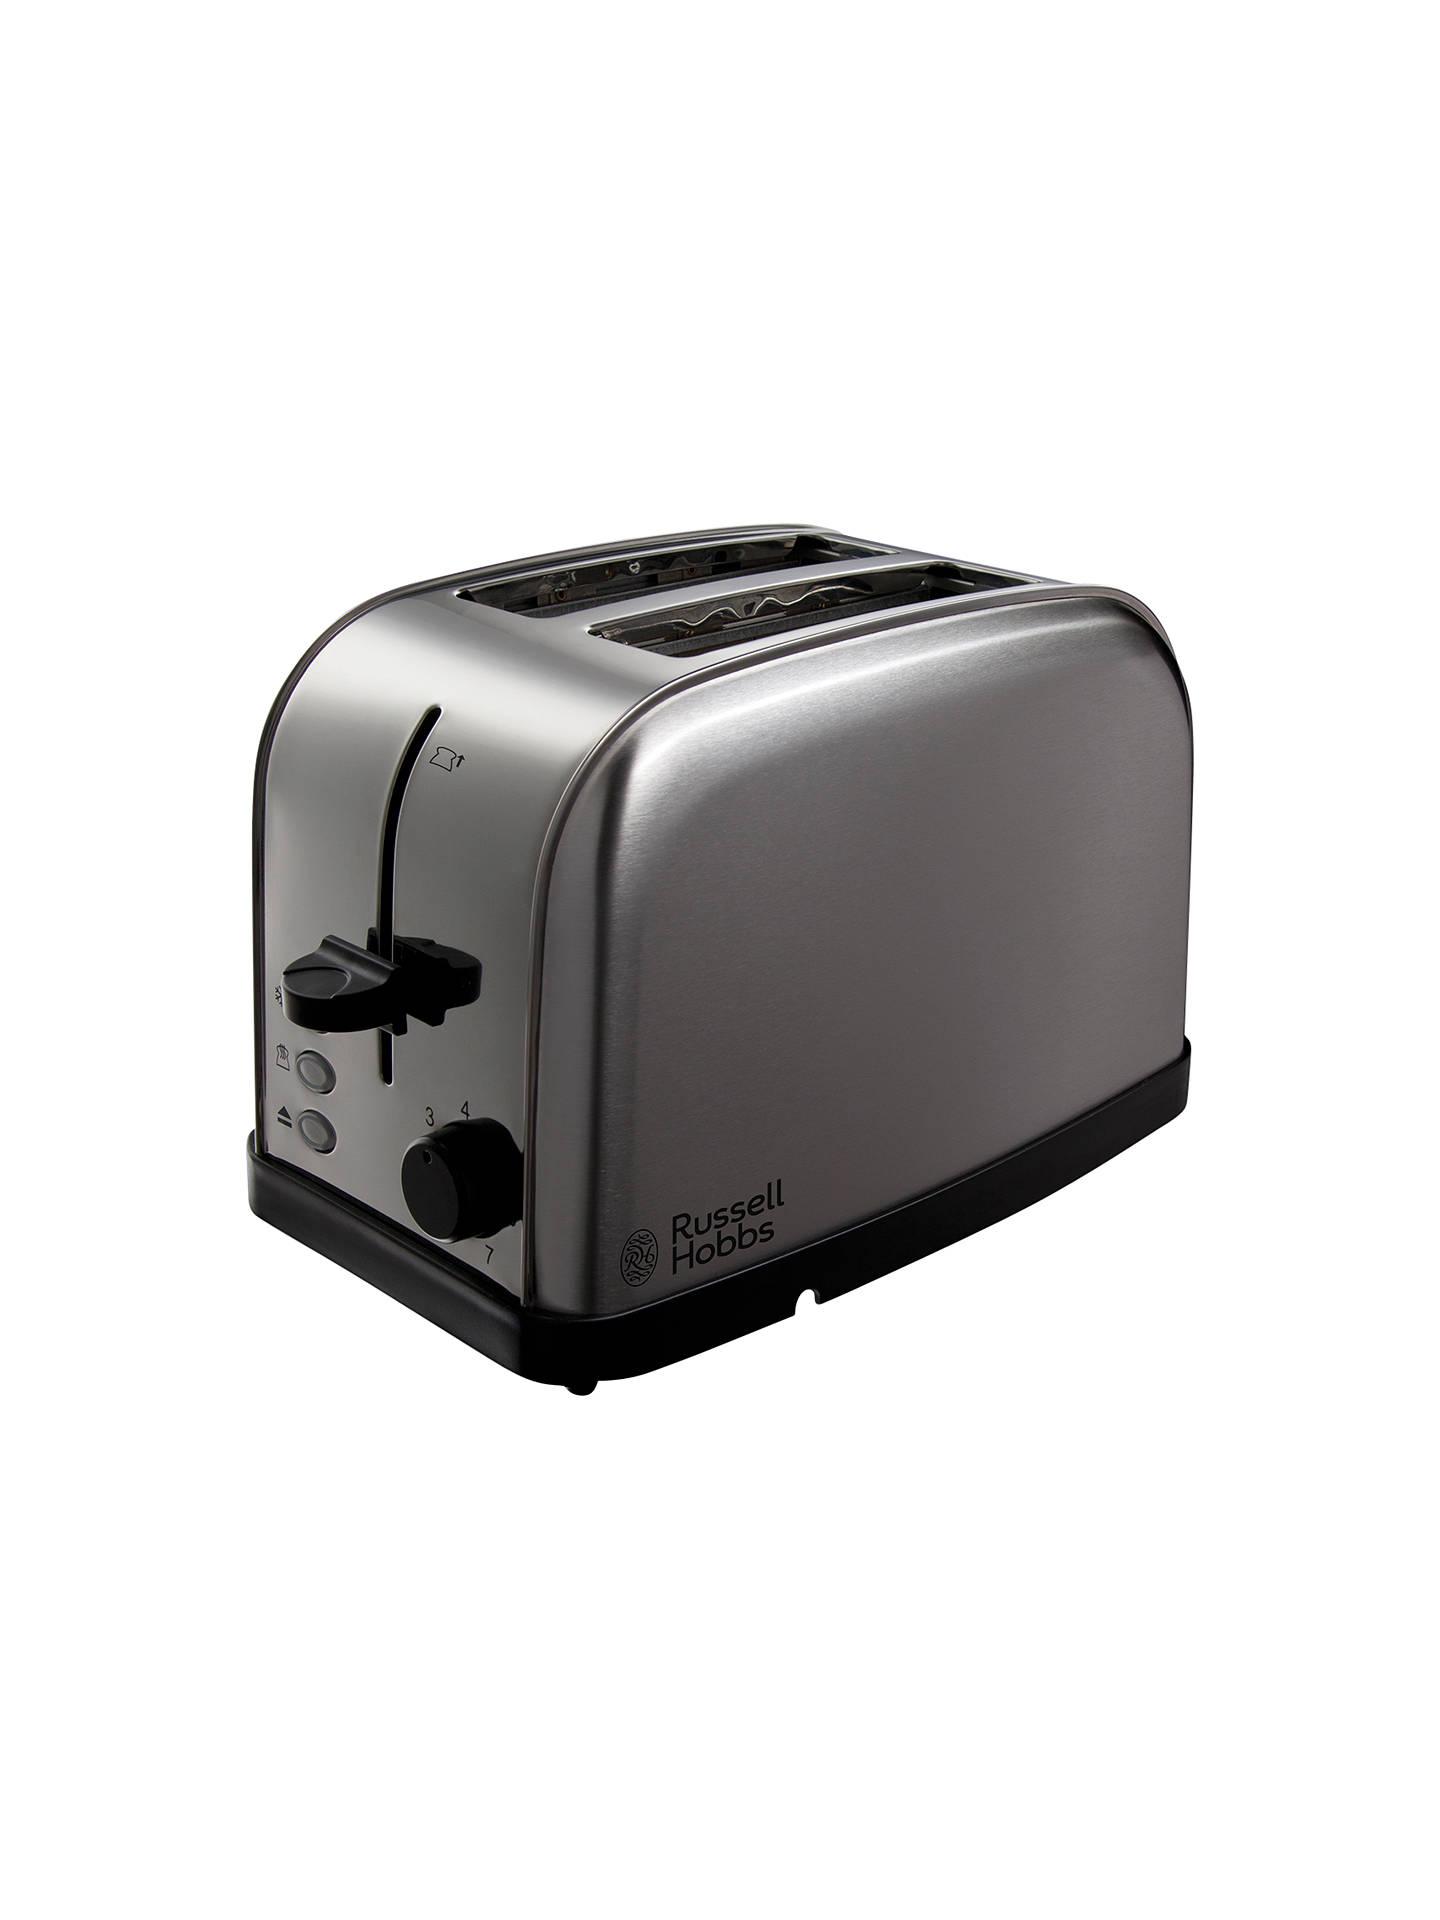 BuyRussell Hobbs Futura 2-Slice Toaster bae26f7286407